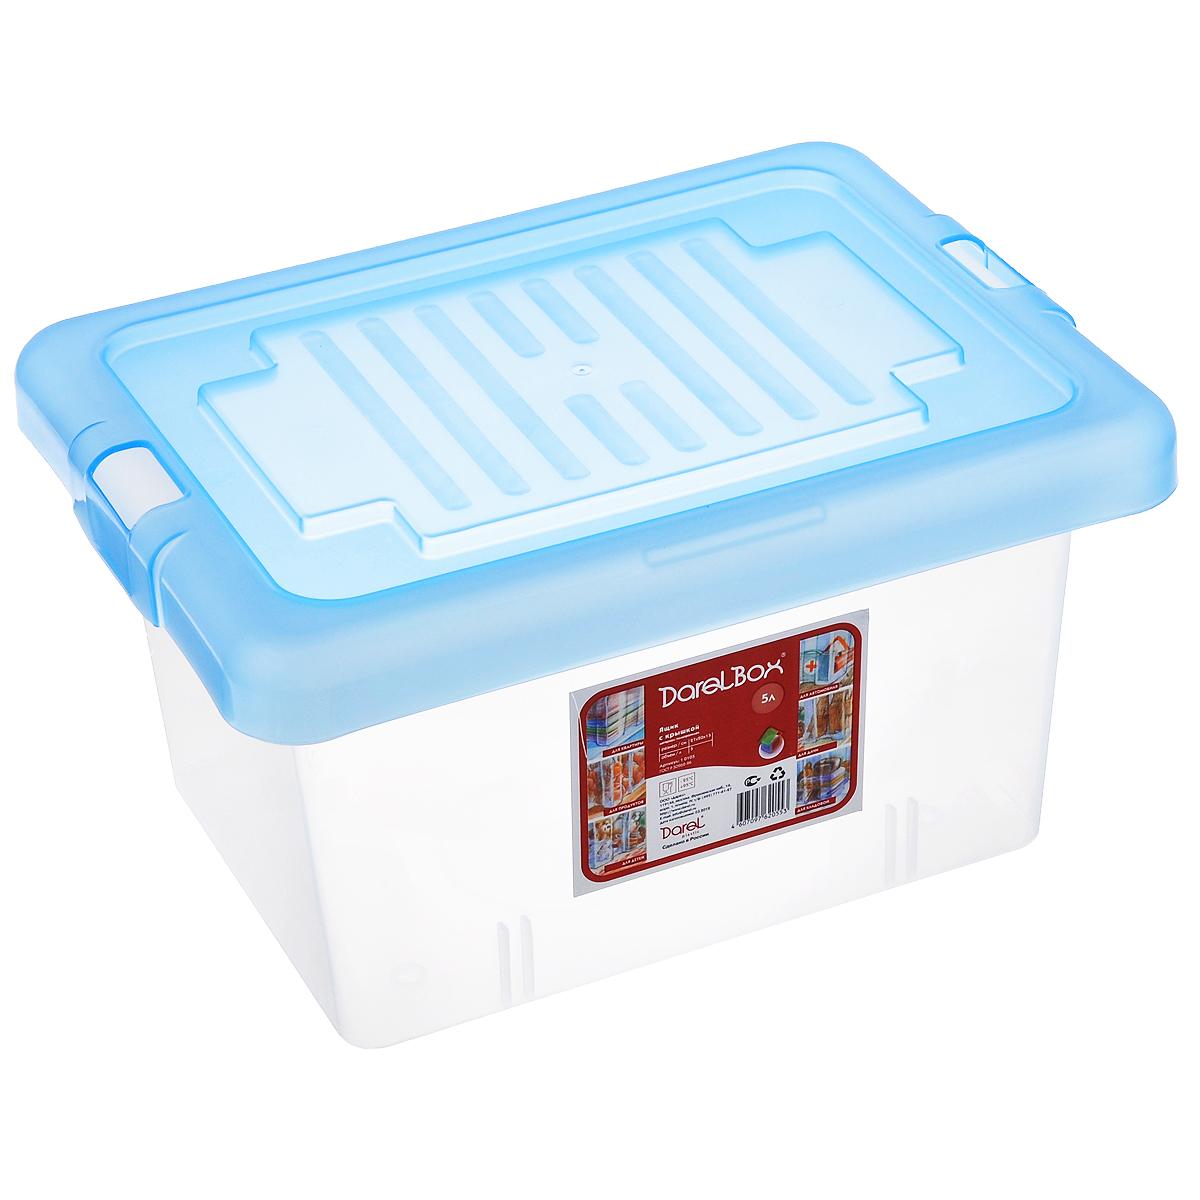 Ящик Darel Box, с крышкой, цвет: голубой, прозрачный, 5 л10105Ящик Darel Box, изготовленный из прозрачного пластика, оснащен плотно закрывающейся крышкой. Изделие предназначено для хранения различных бытовых вещей. Идеально подойдет для хранения как продуктов, так и игрушек. Будет незаменим на даче, в гараже или кладовой. Выдерживает температурные перепады от -25°С до +95°С.